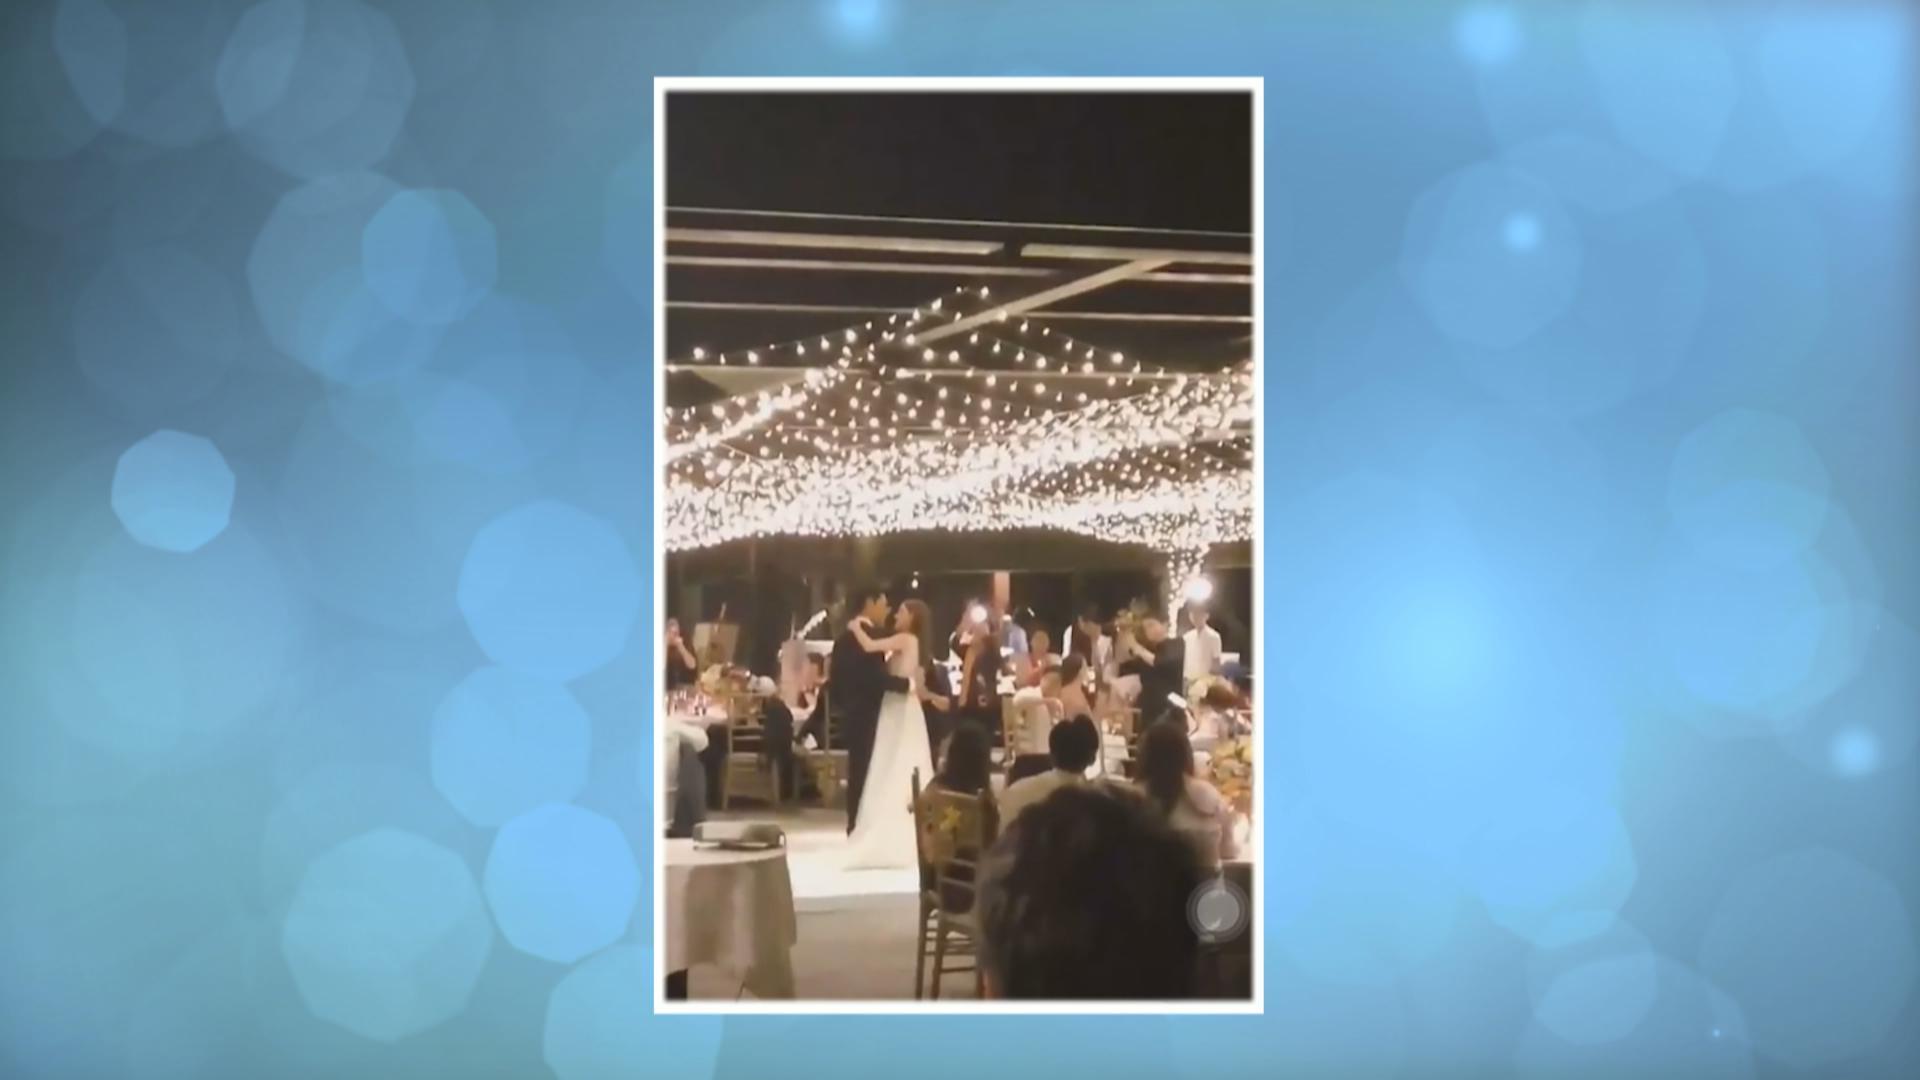 陳凱琳鄭嘉穎812峇里婚禮 二人翩翩起舞片段網上曝光